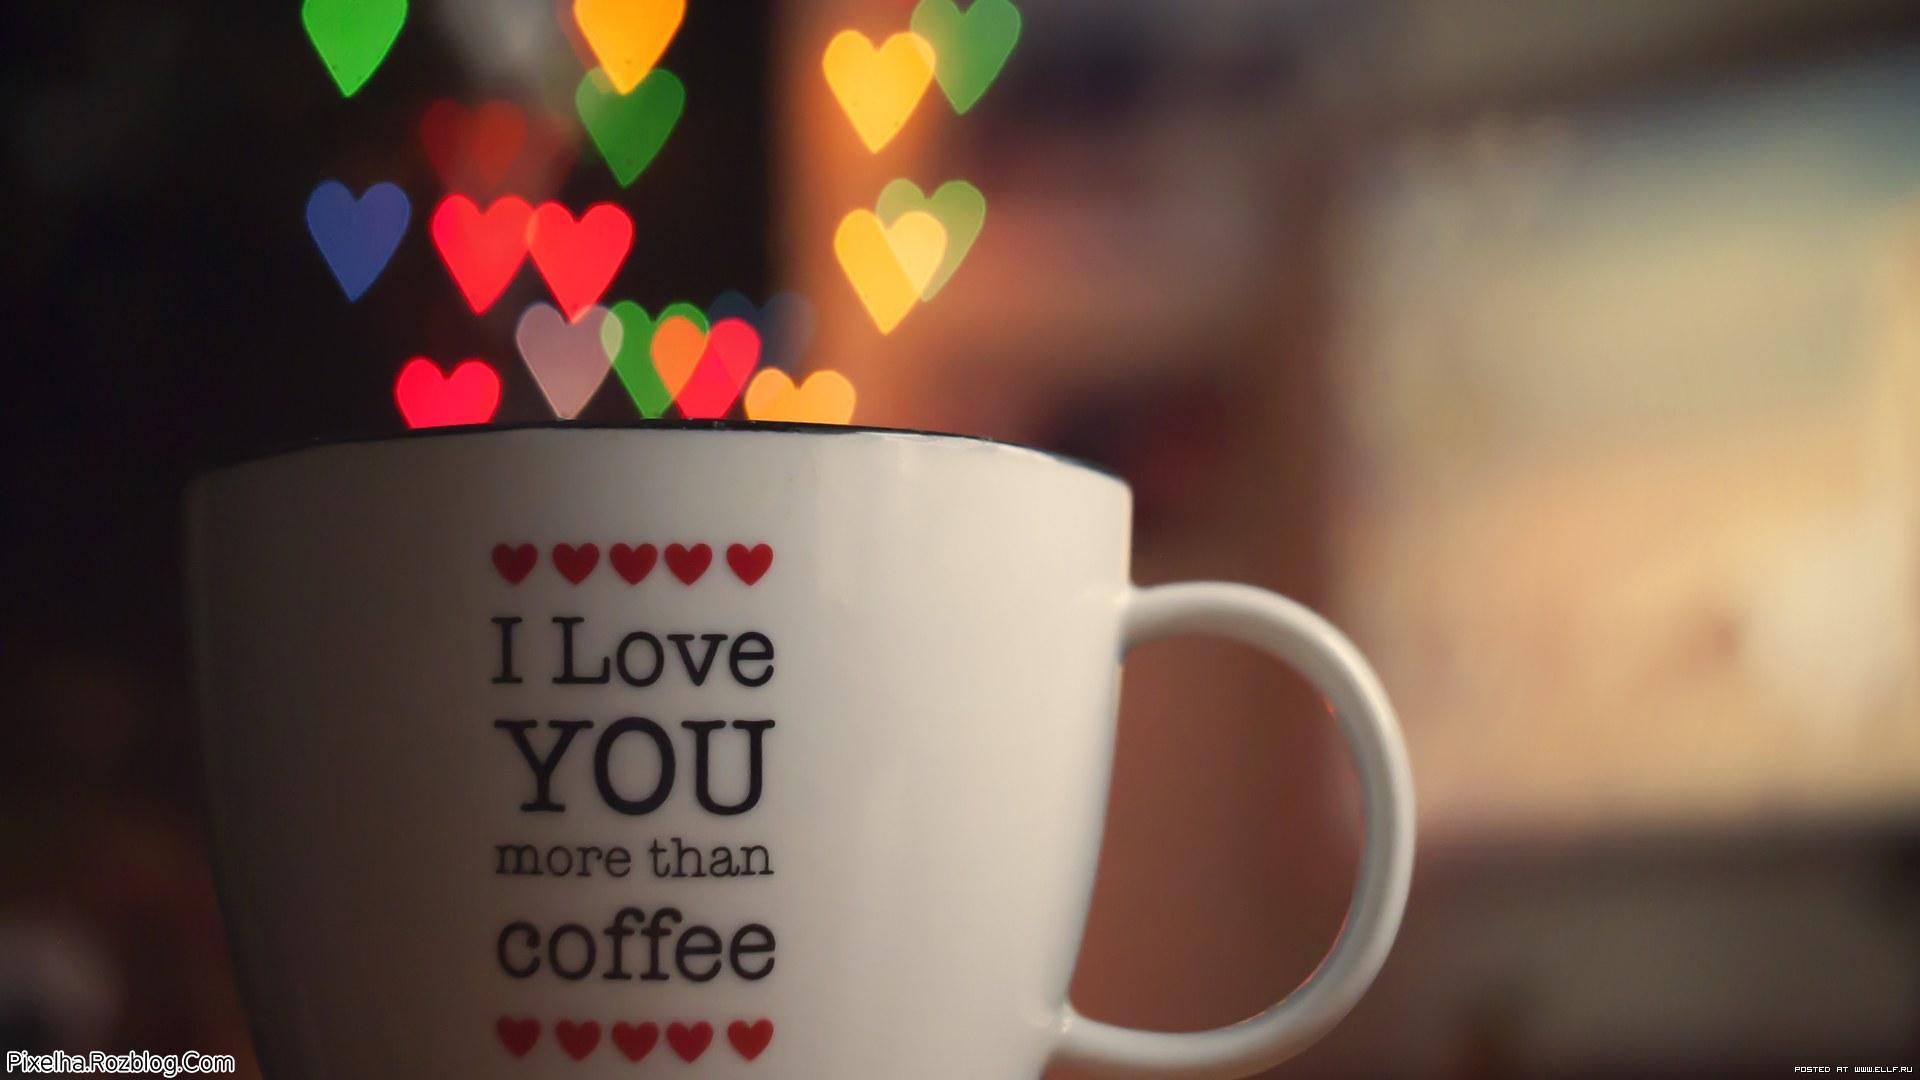 لیوان بیشتر از قهوه دوست دارم